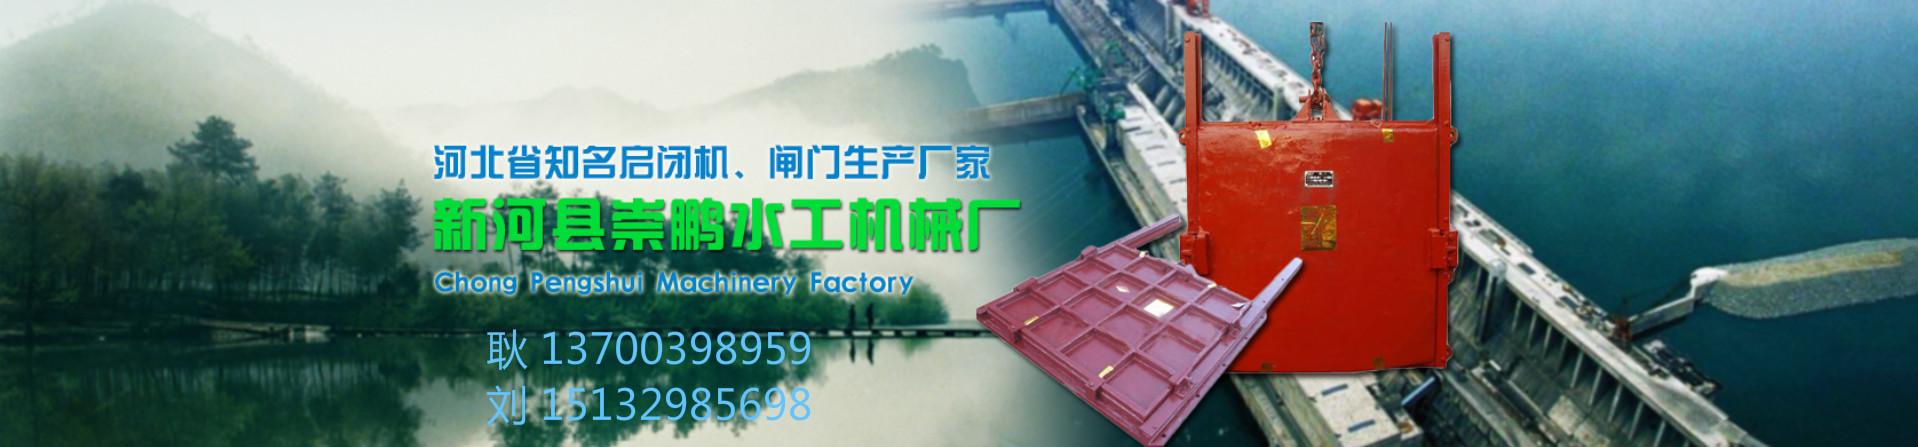 新河县崇鹏水工机械厂